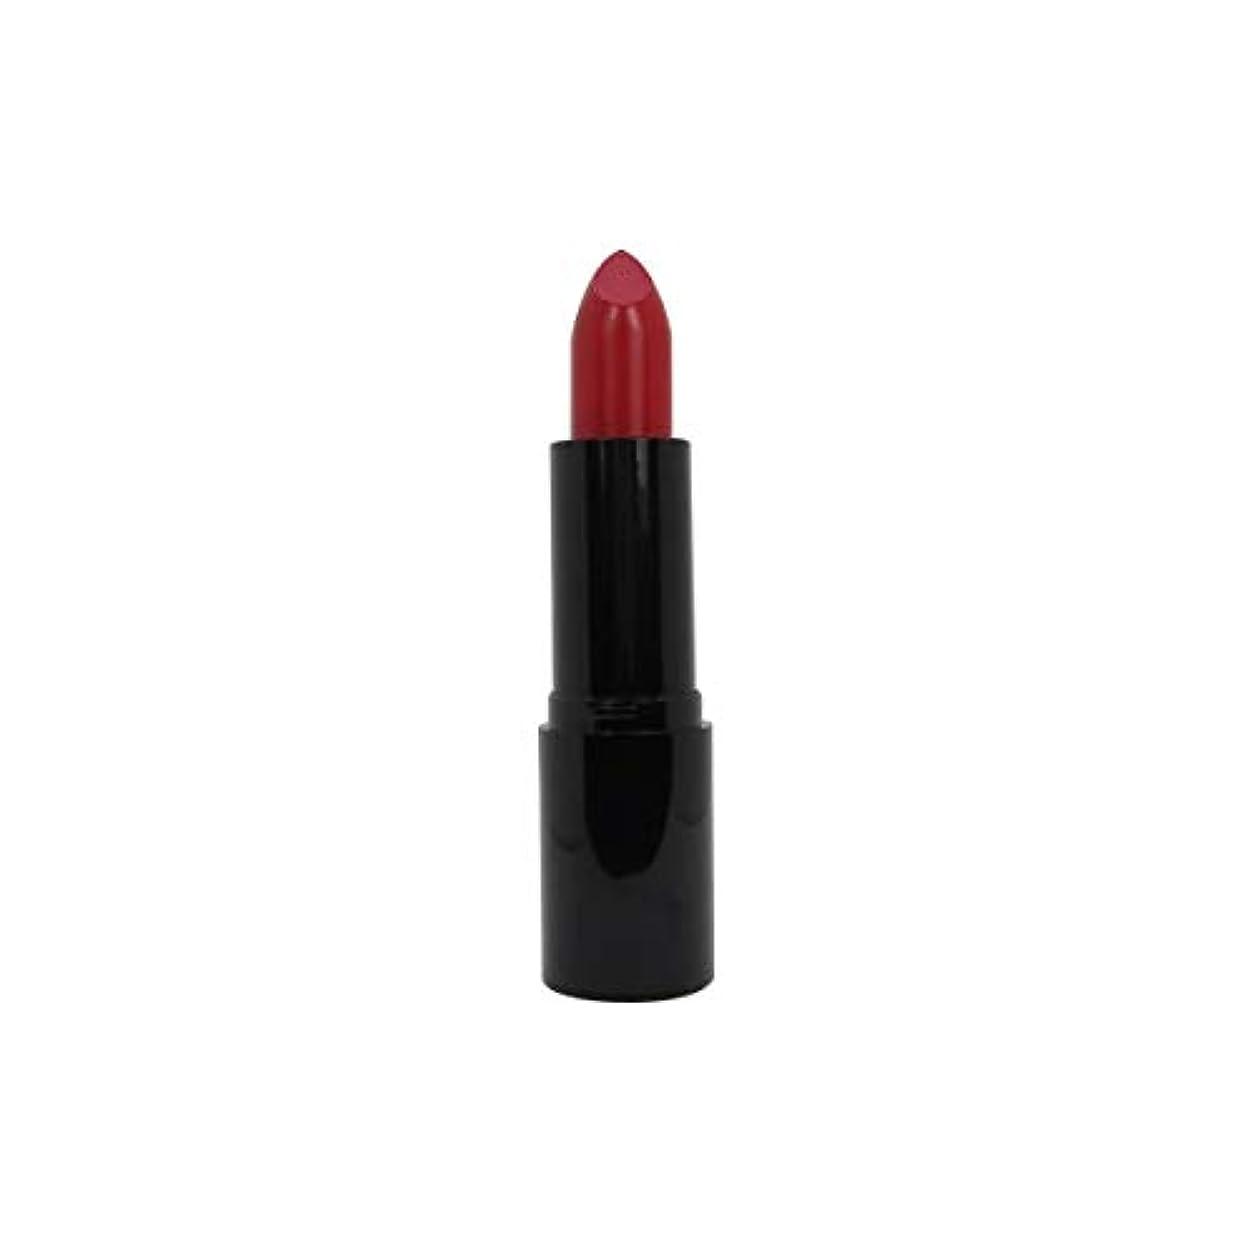 敷居思慮のないきょうだいSkinerie The Collection Lipstick 08 Cherry on Top 3,5g